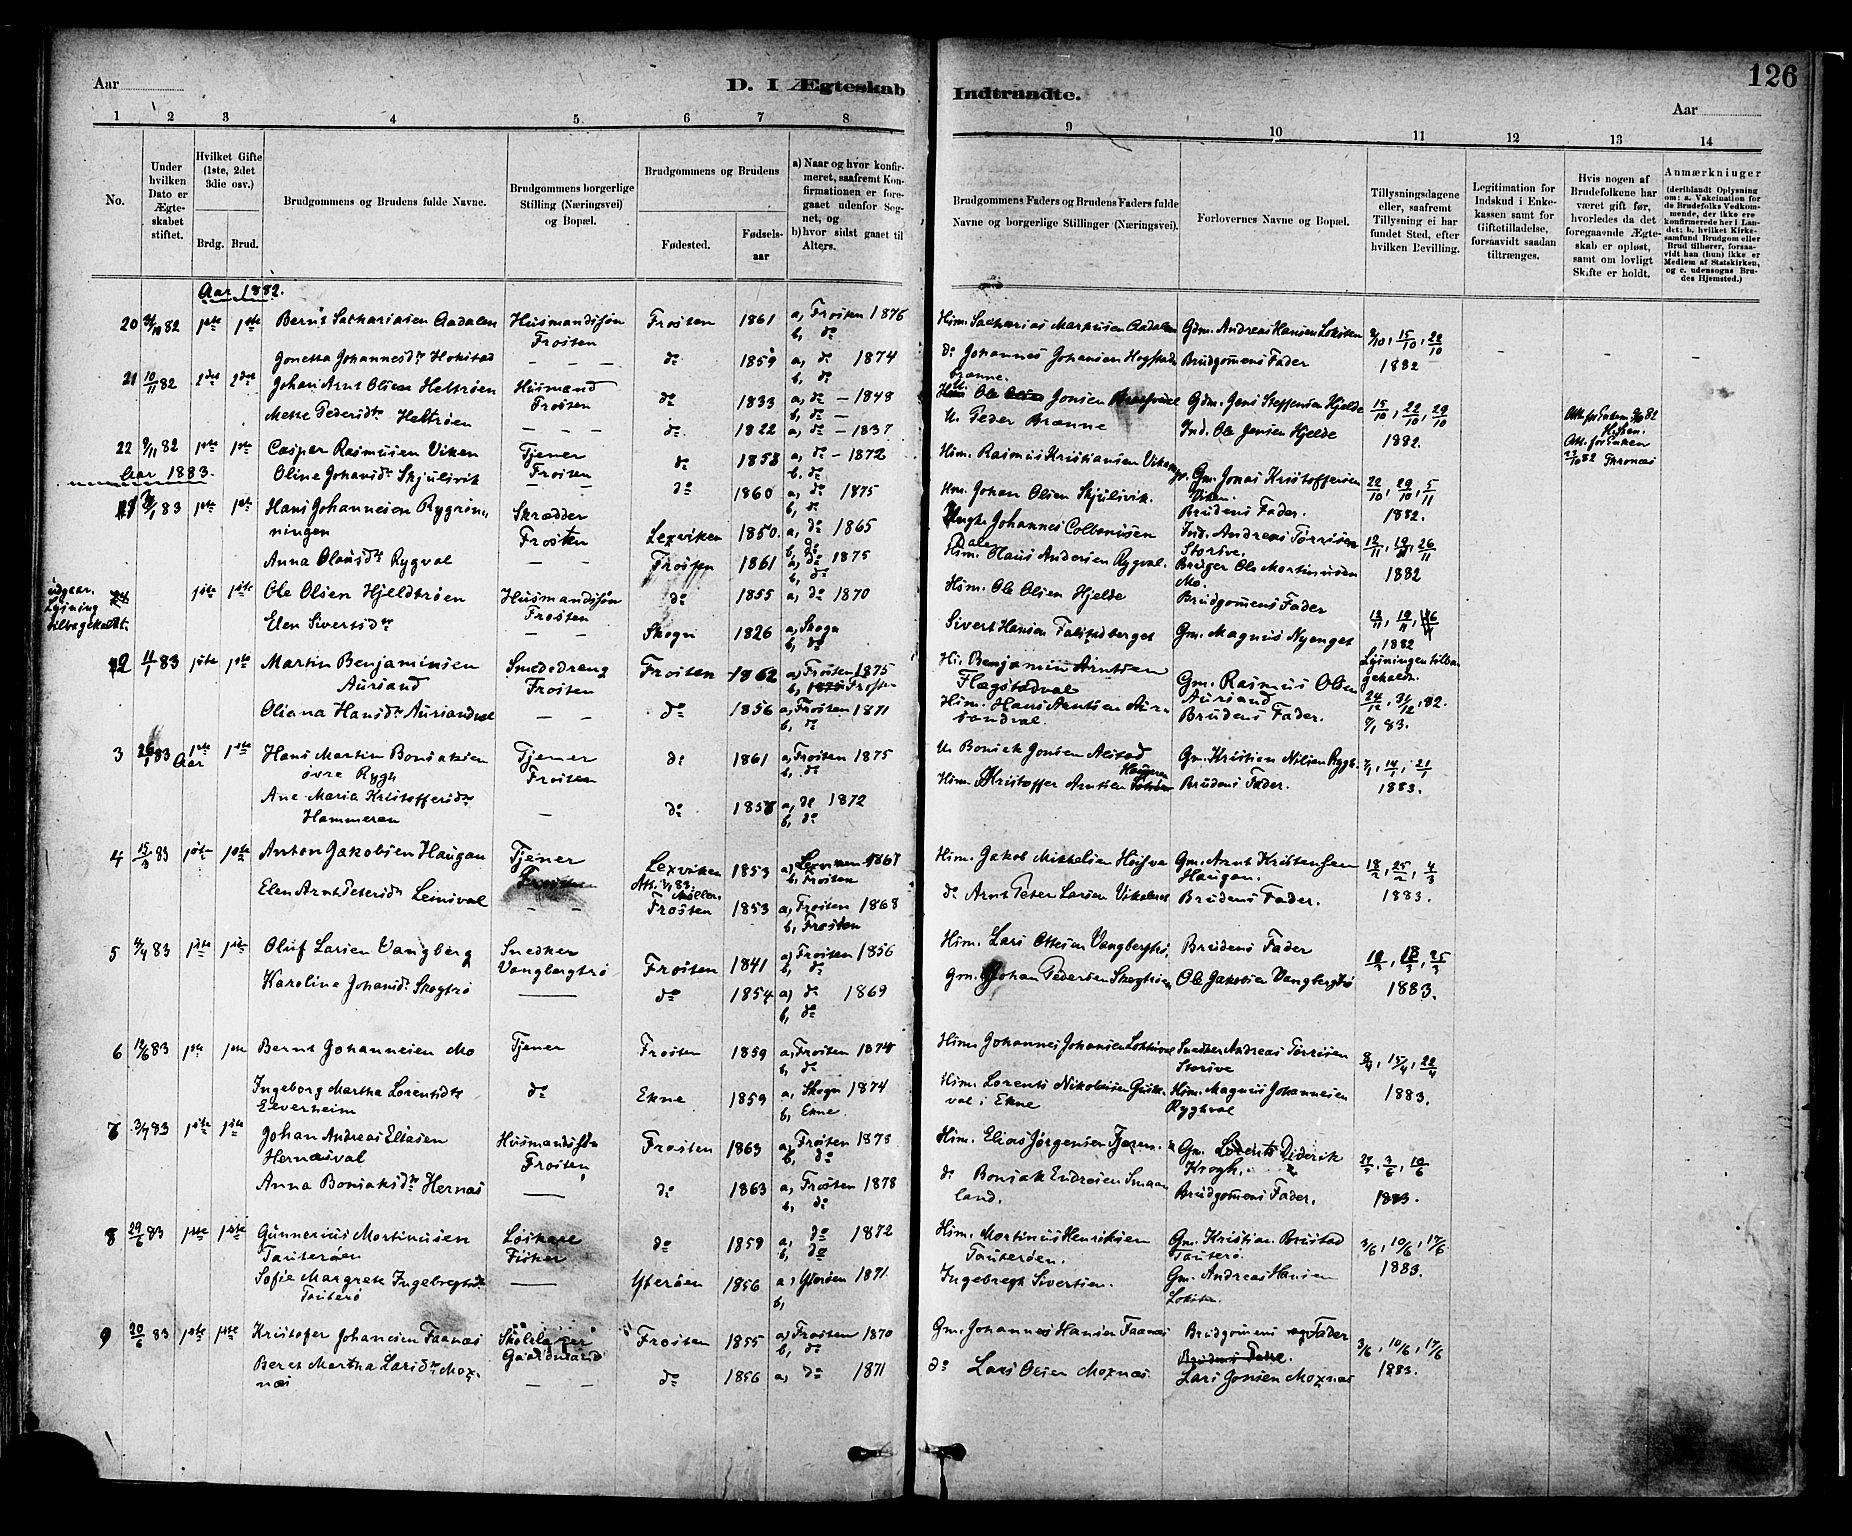 SAT, Ministerialprotokoller, klokkerbøker og fødselsregistre - Nord-Trøndelag, 713/L0120: Ministerialbok nr. 713A09, 1878-1887, s. 126